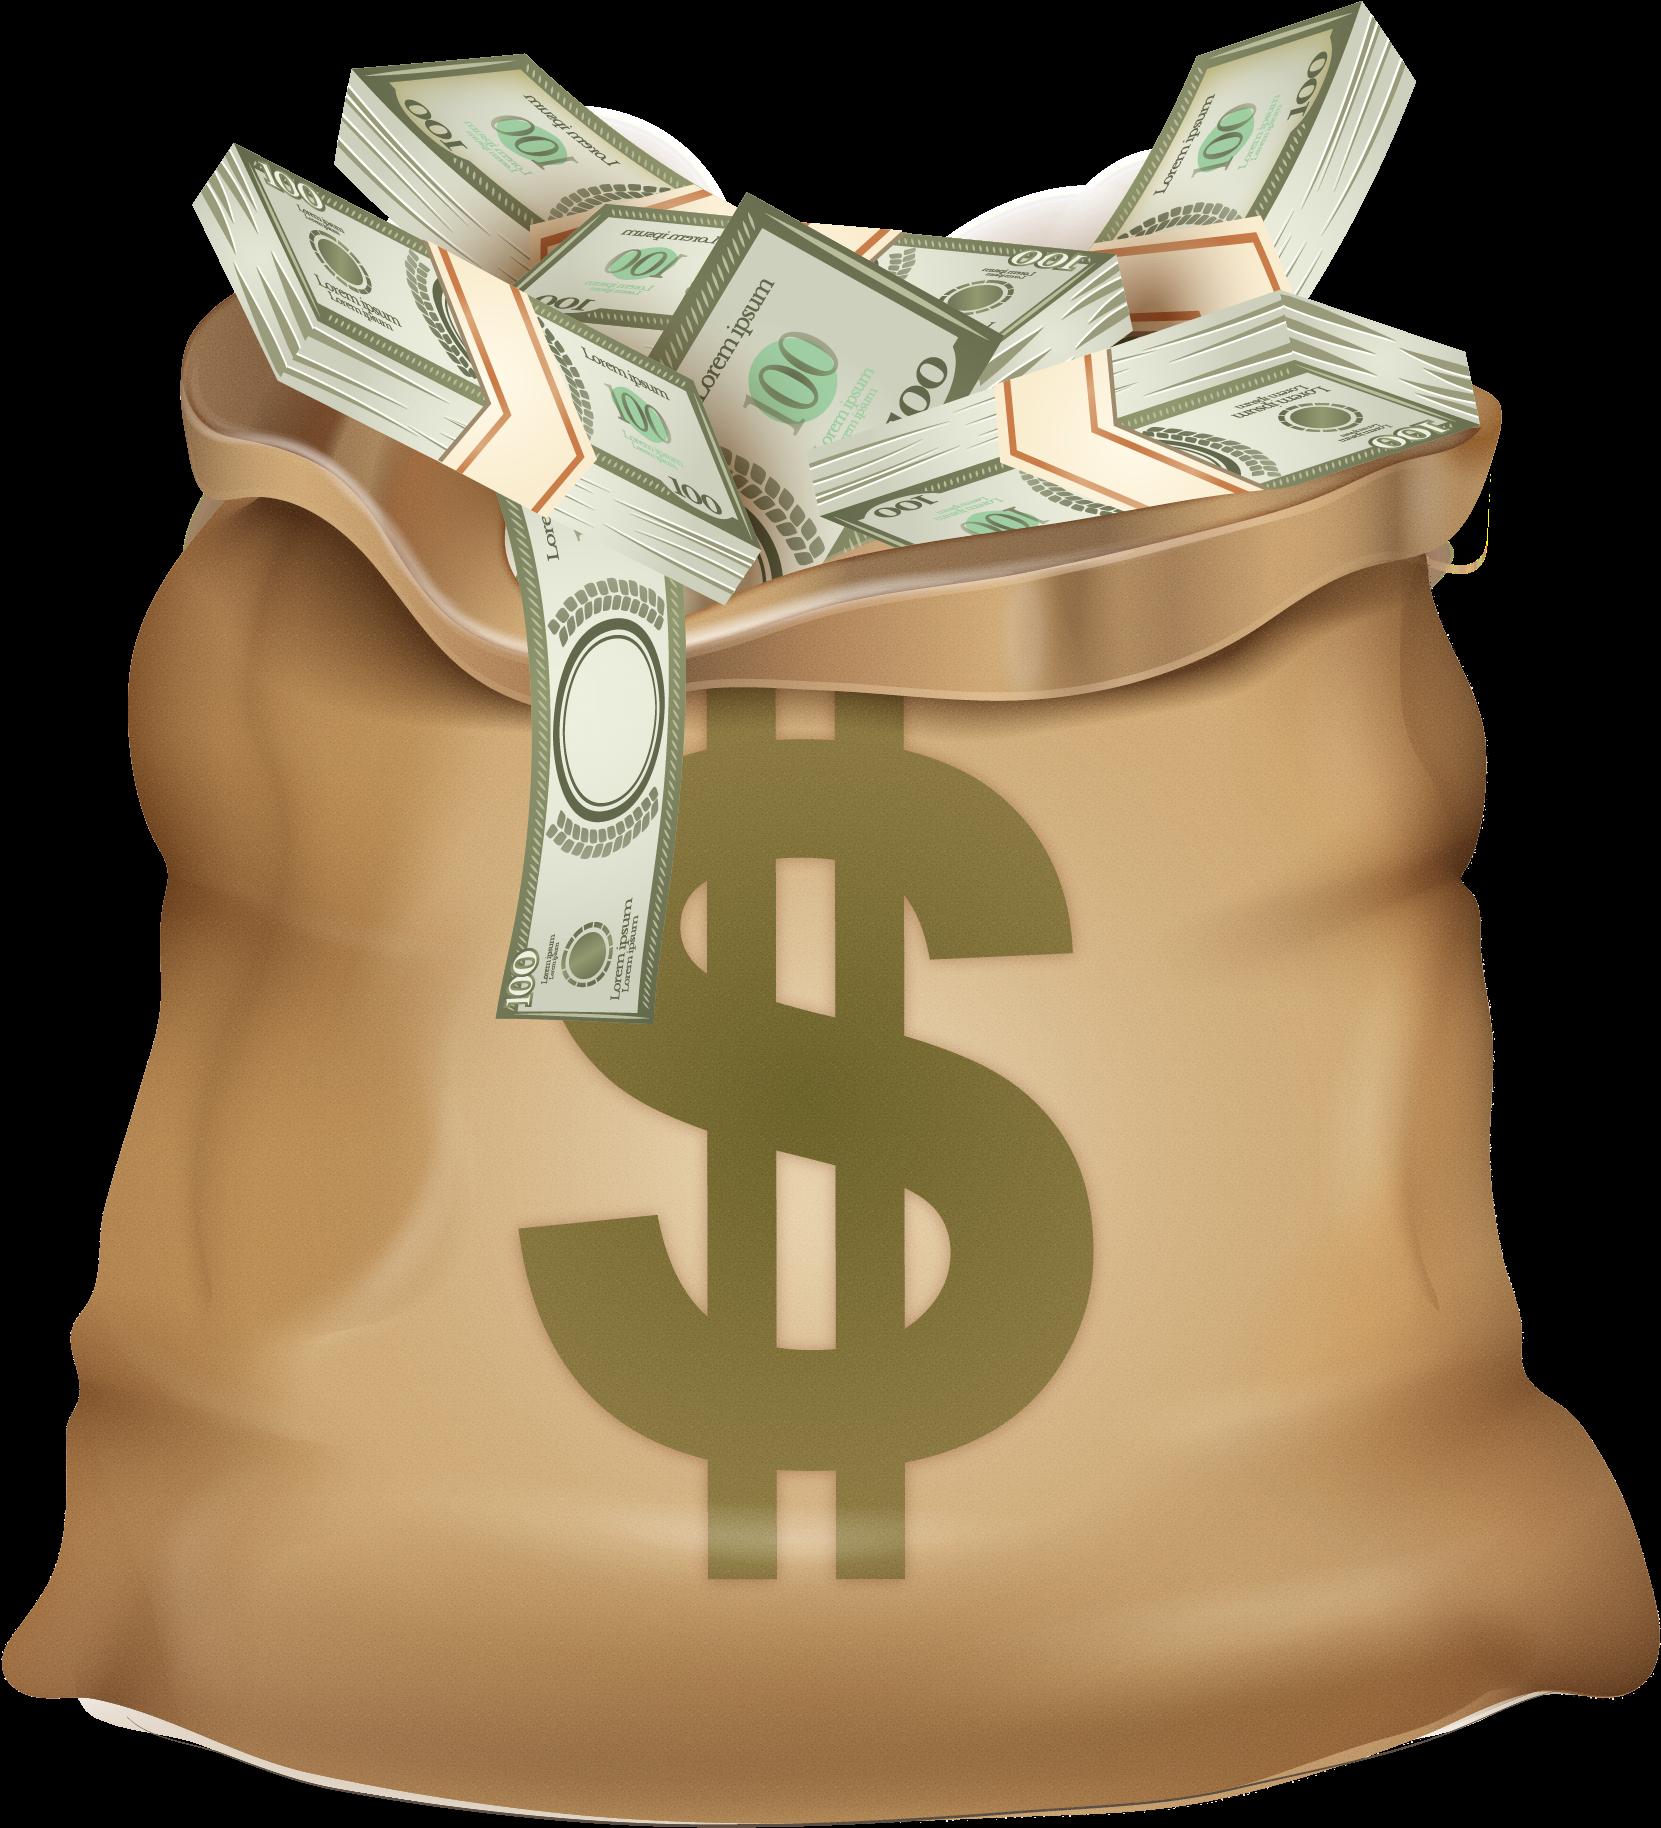 Download HD Money Png Transparent Image - Dollar Sign ... - Dollar Sign Money Bag